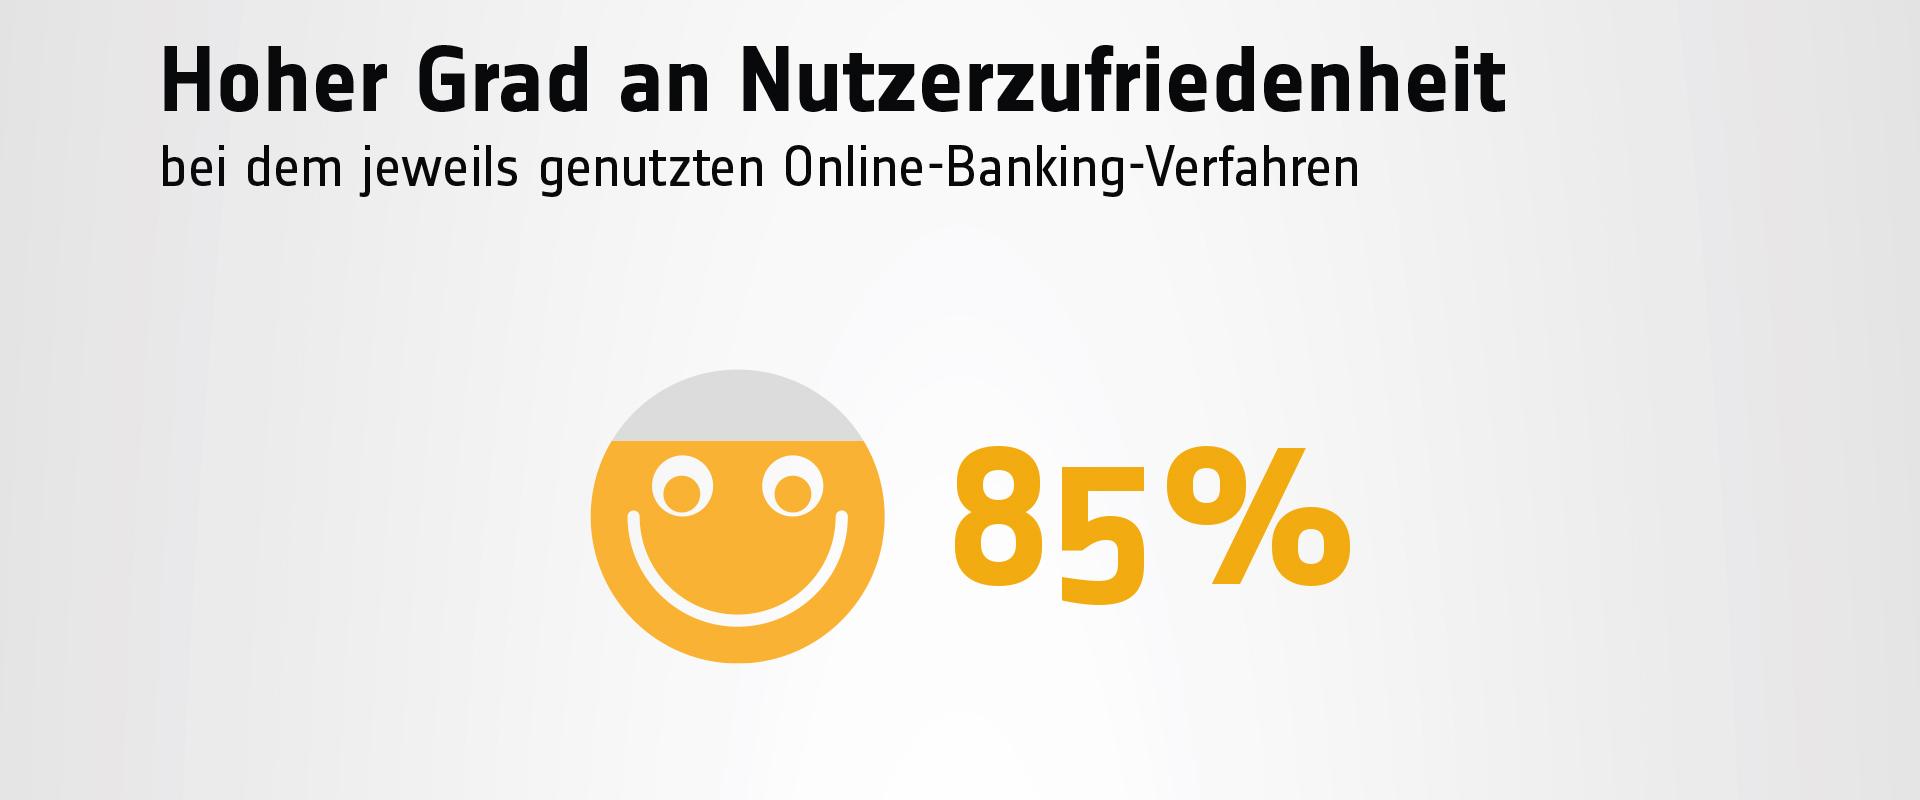 Hohe Zufriedenheit bei Online-Banking Verfahren